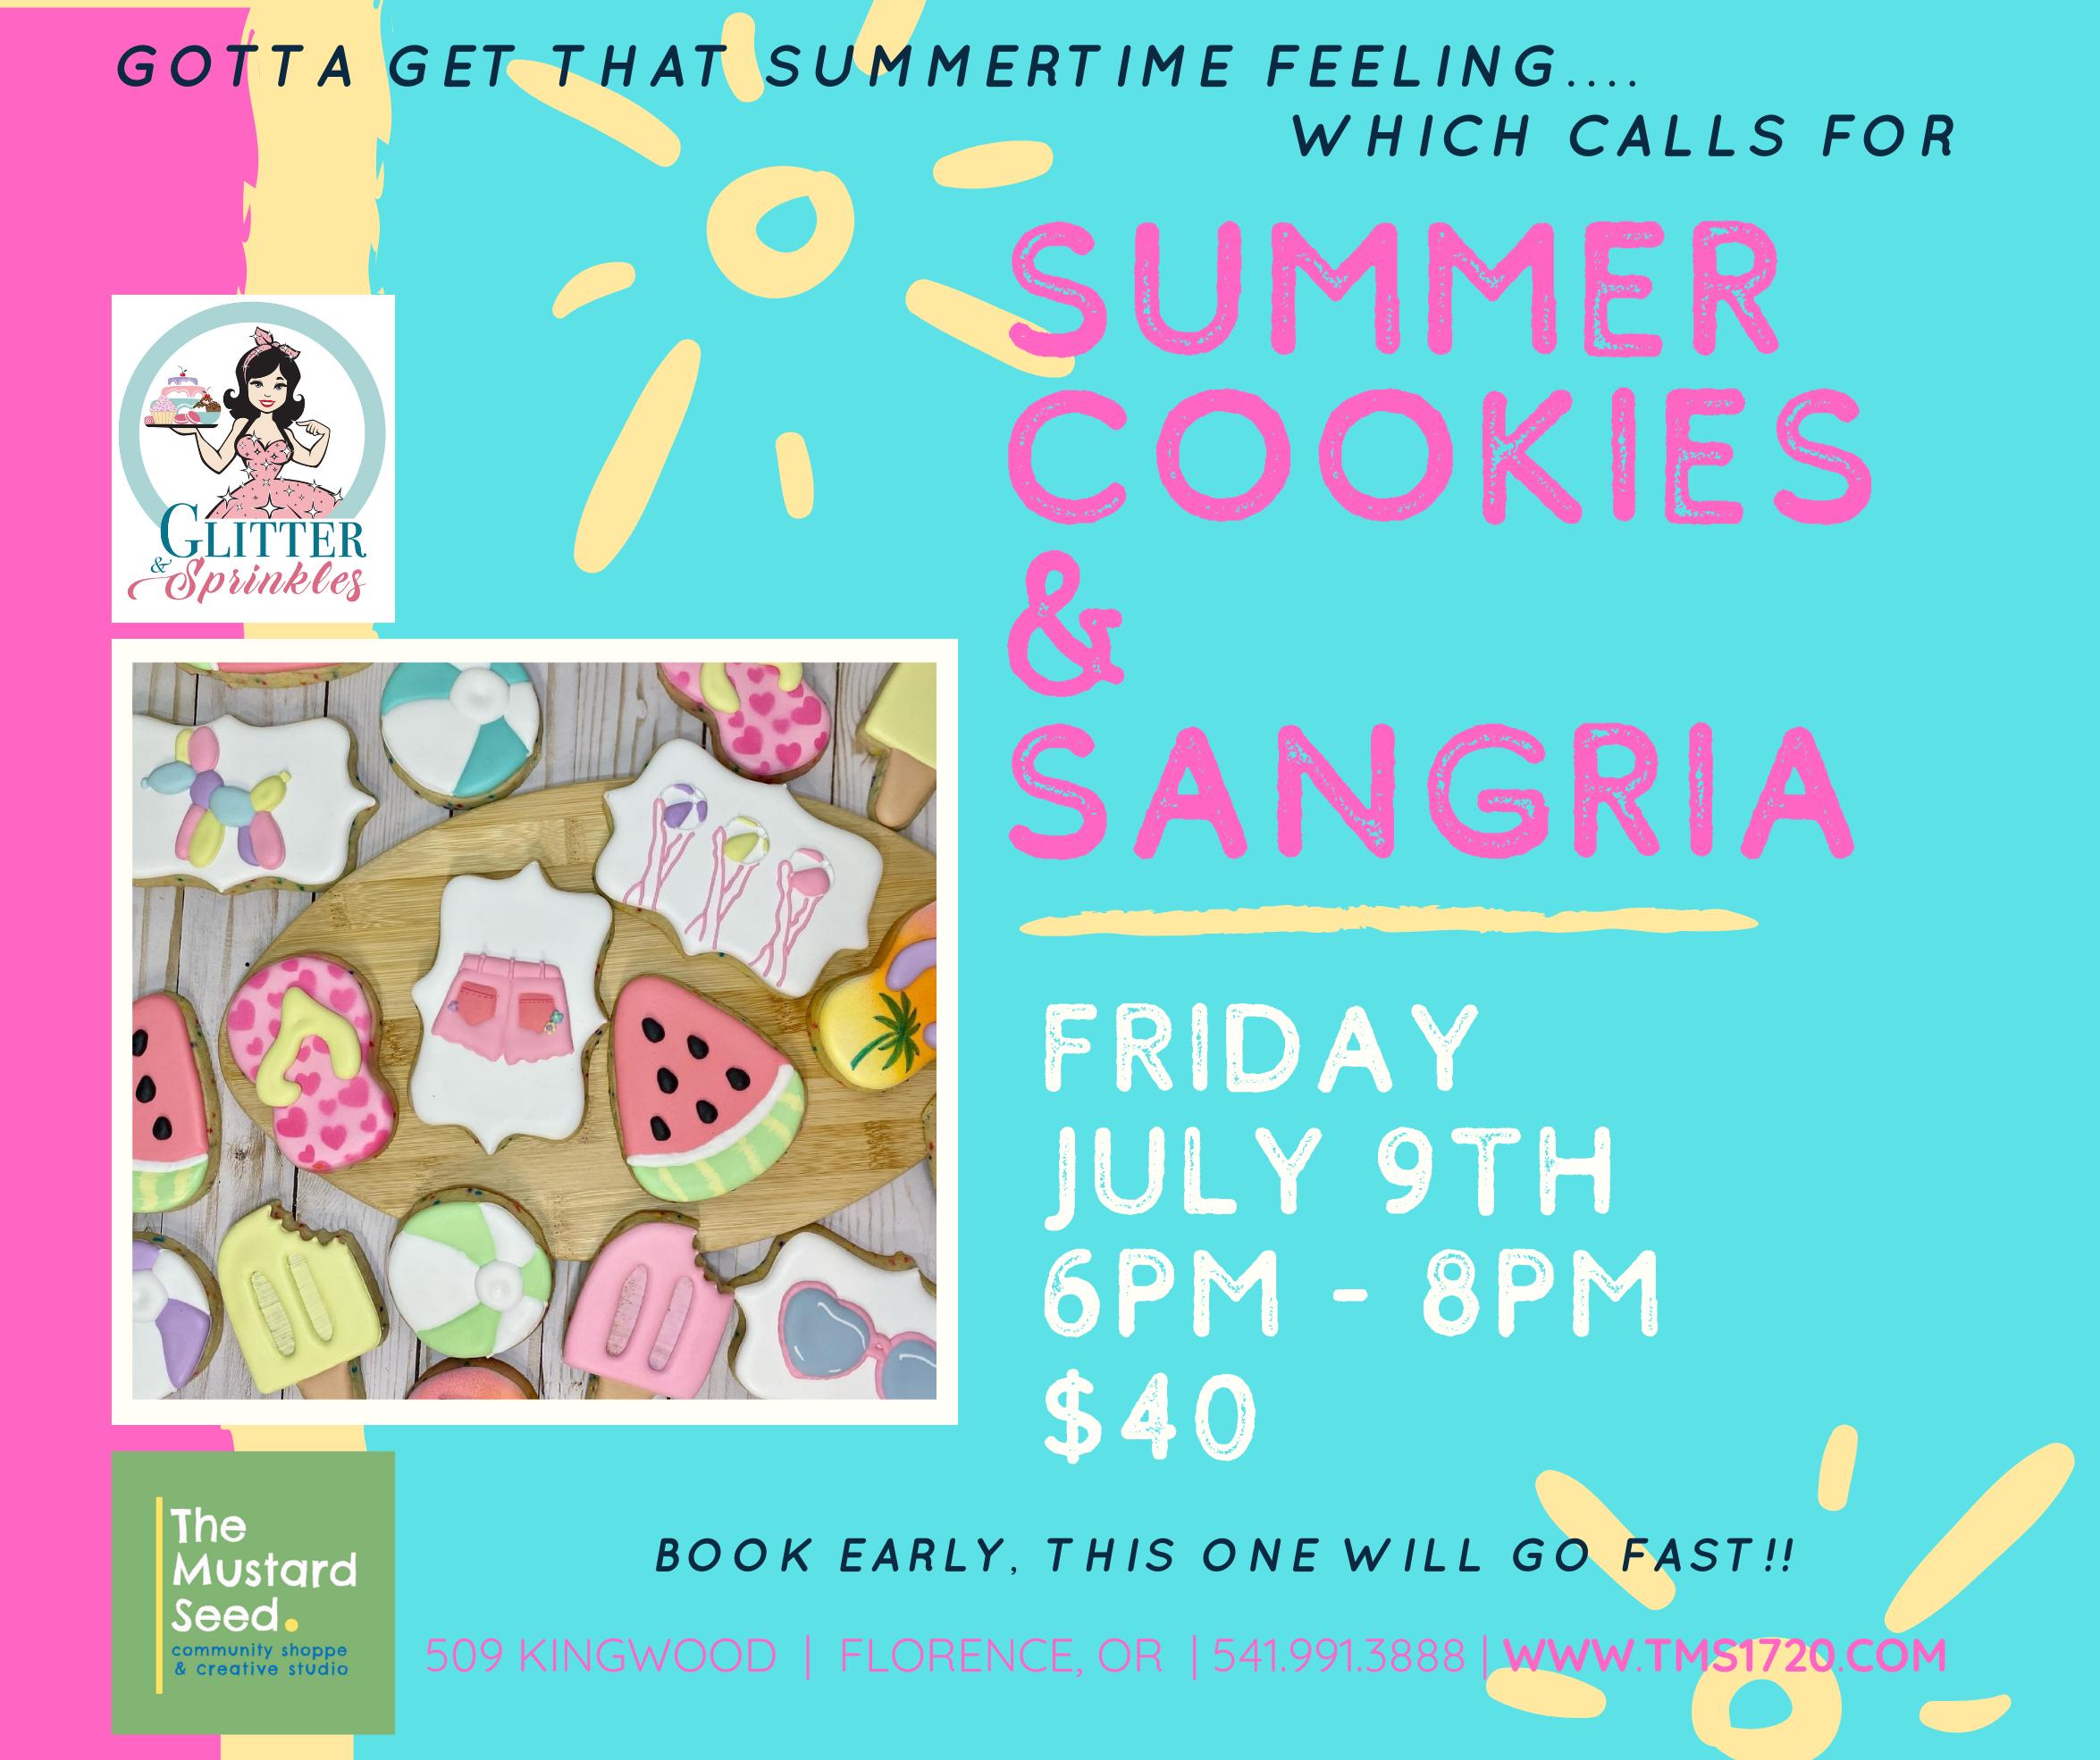 Summertime Cookies & Sangria